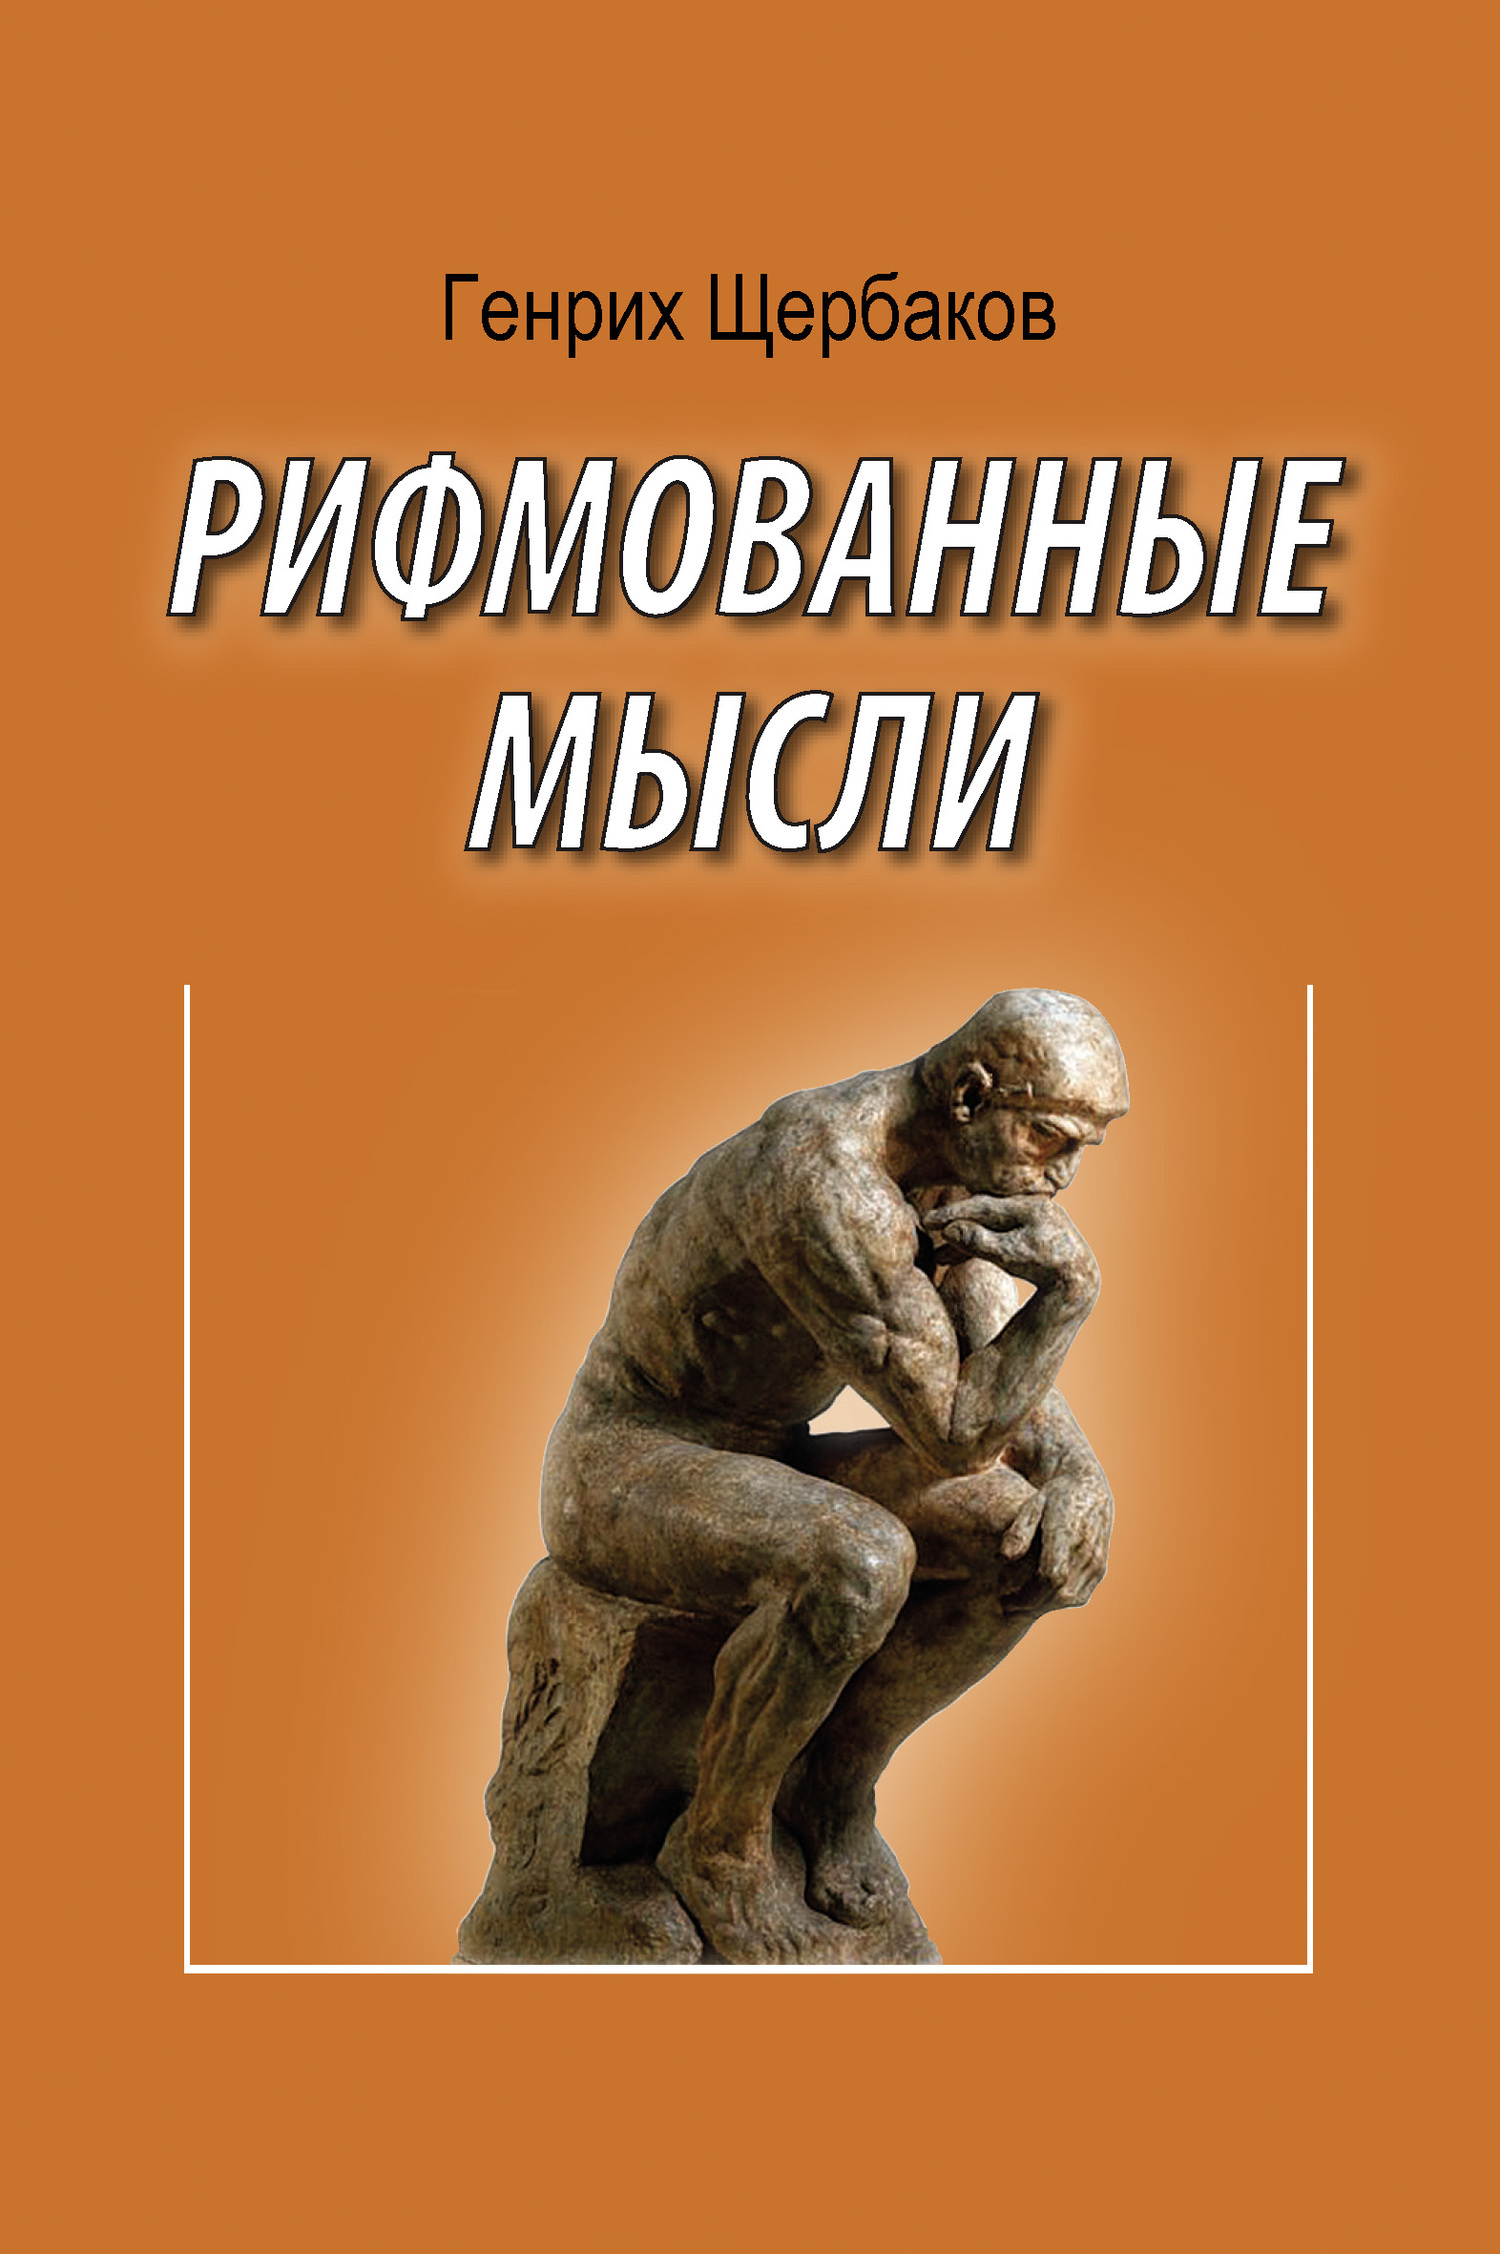 Генрих Щербаков - Рифмованные мысли